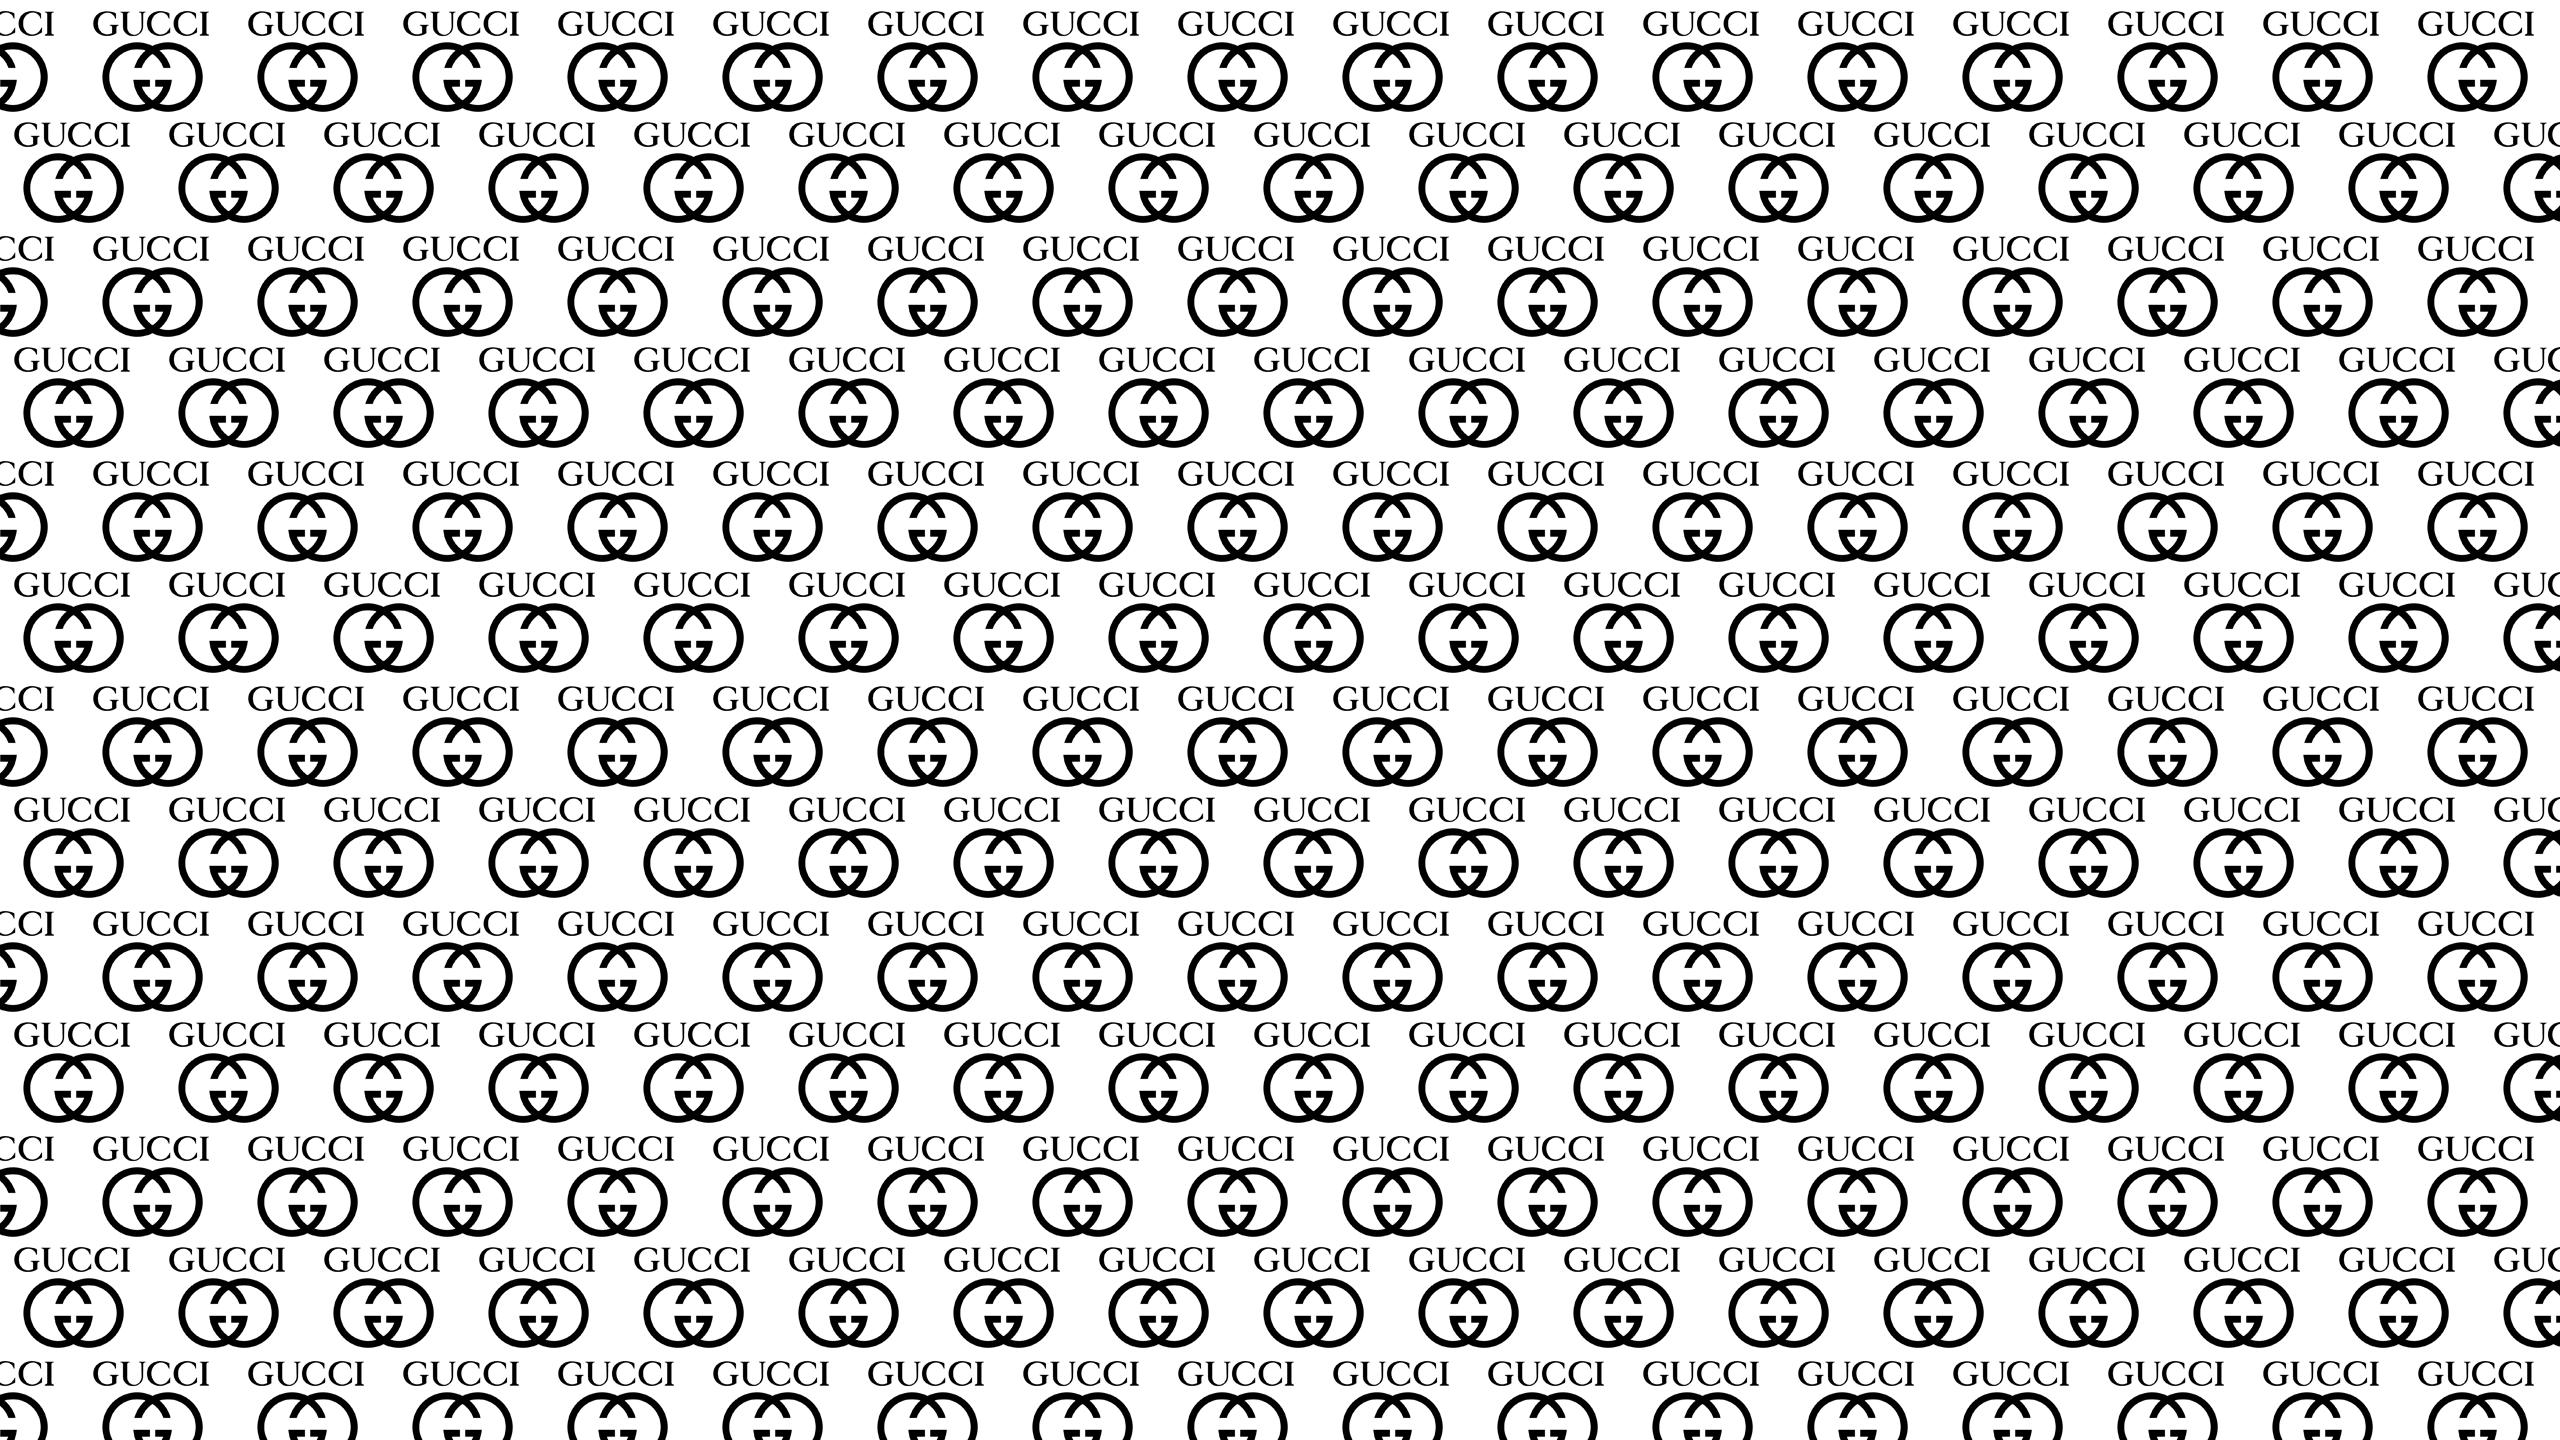 Gucci Wallpaper Png